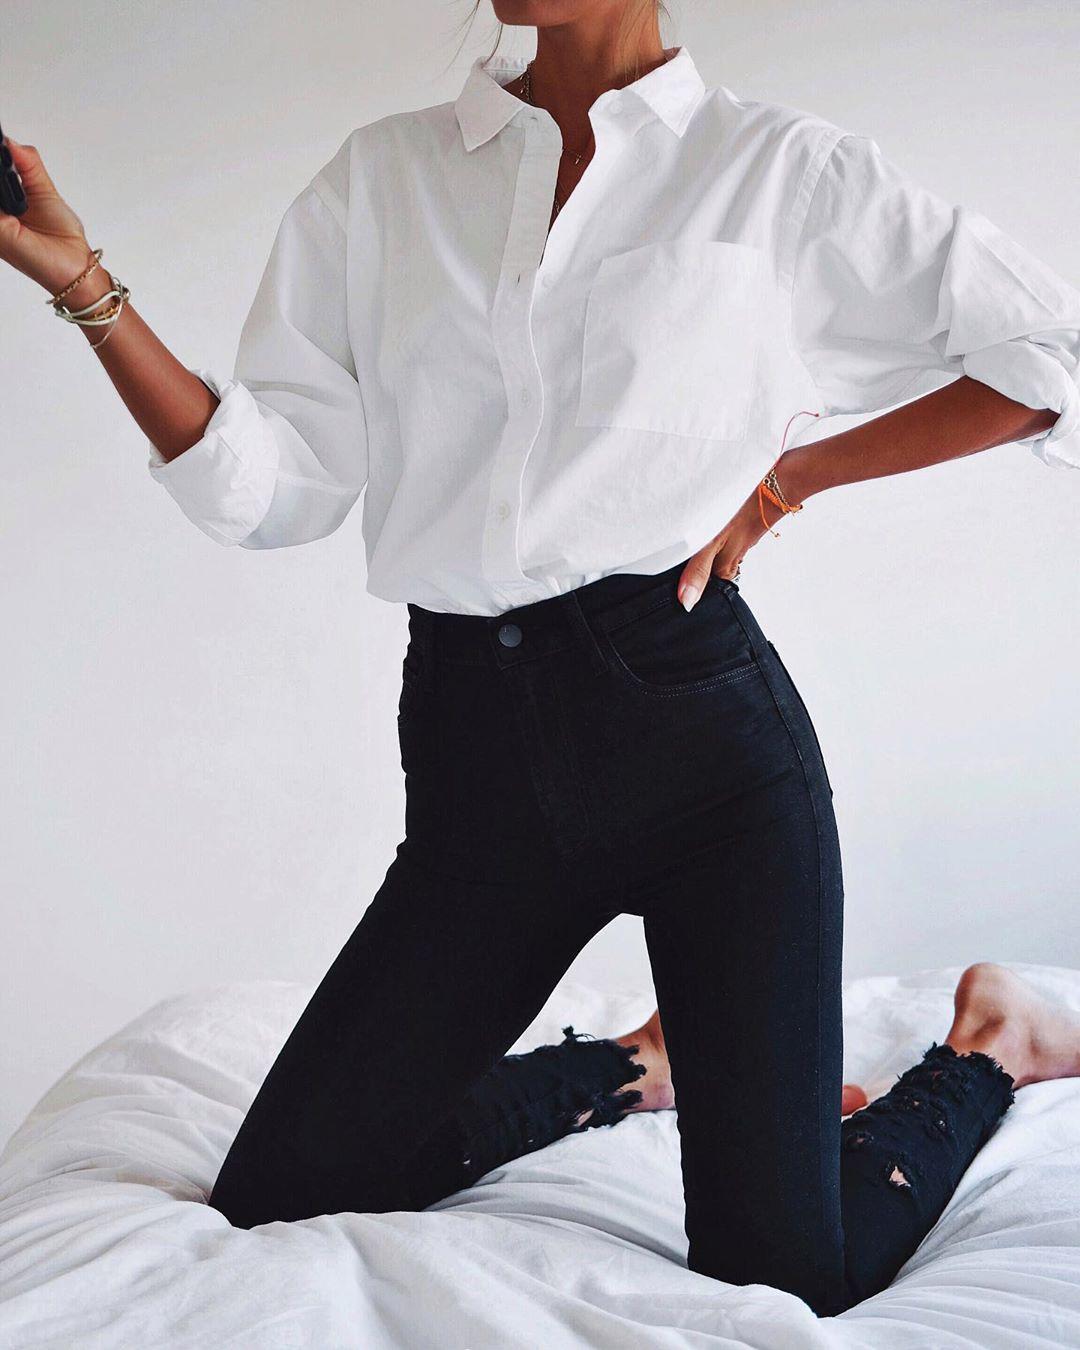 modnye bluzki i rubashki osen zima 1920 stilnye reshenija novogo sezona